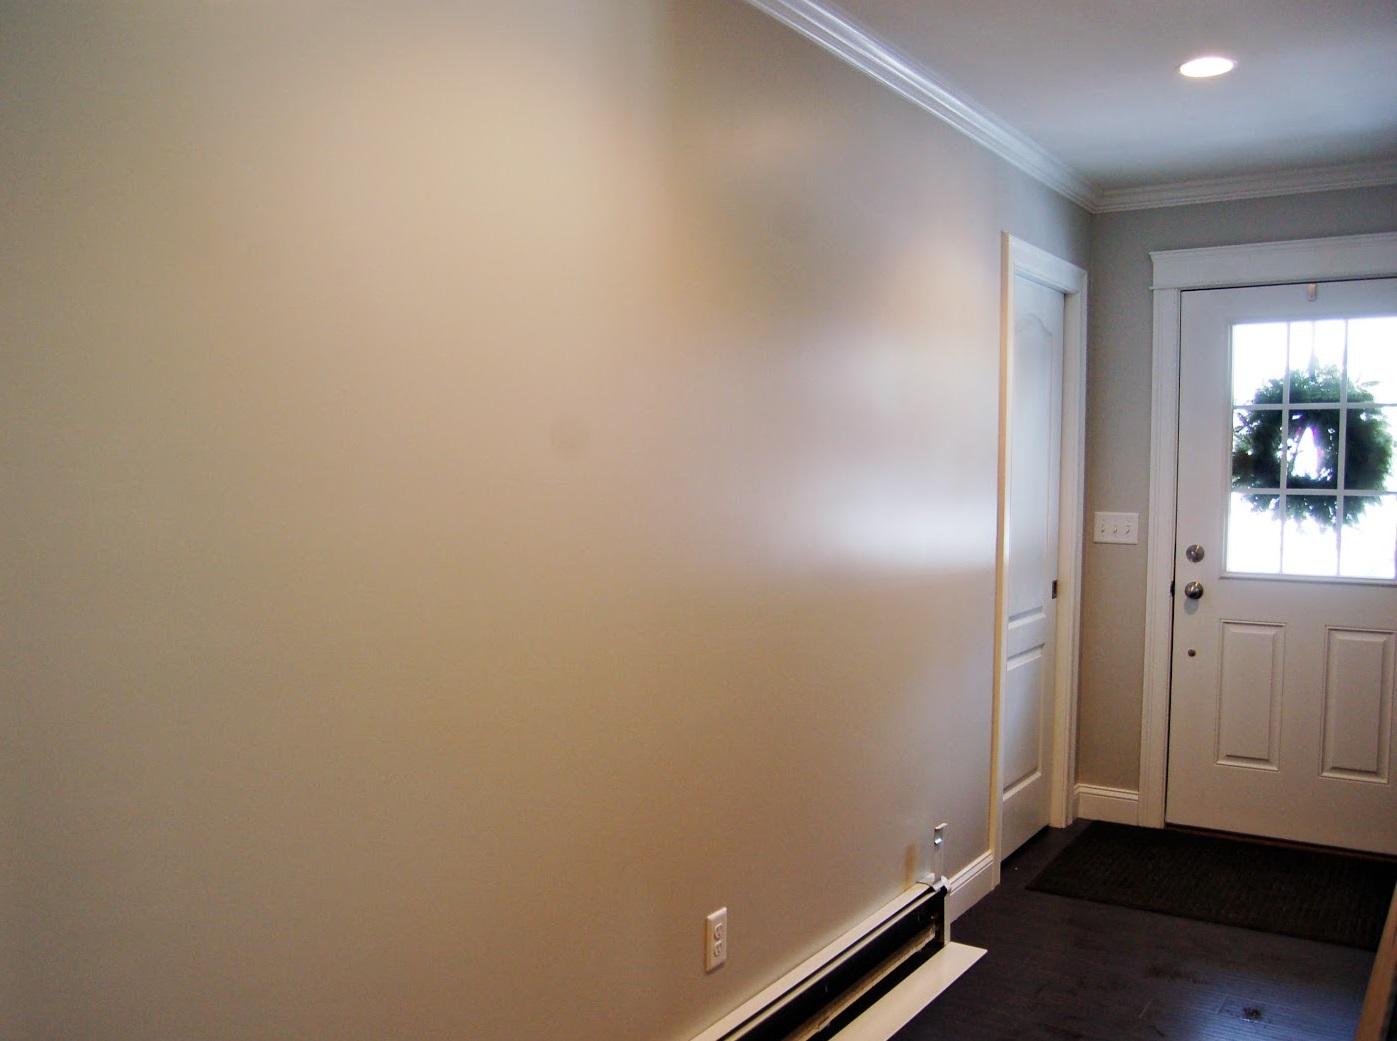 Латексная краска на стенах